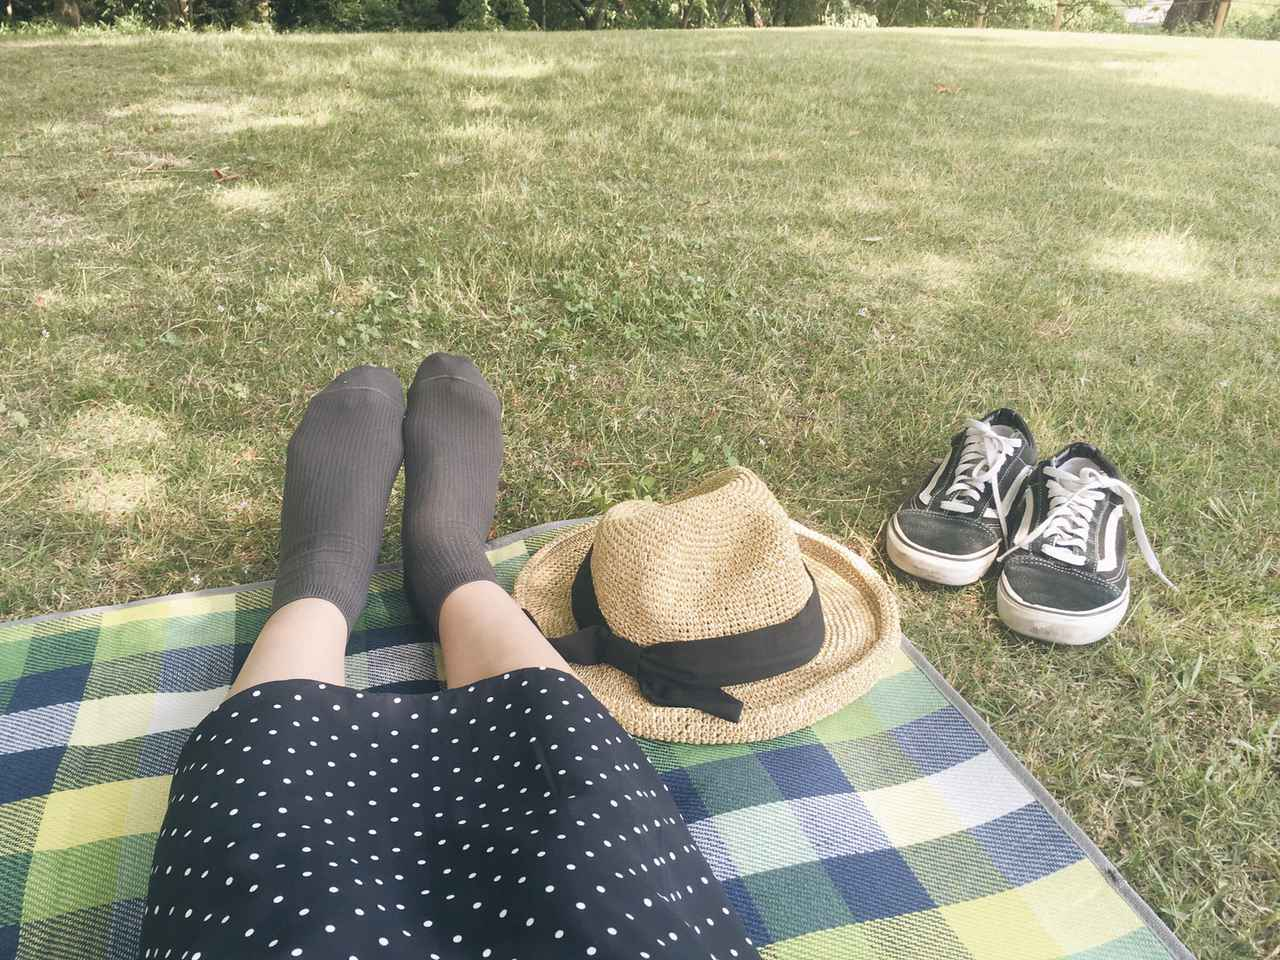 画像: ピクニックで開放感を味わいたい人におすすめのグランドシート&レジャーシート! 寝転がっても◎